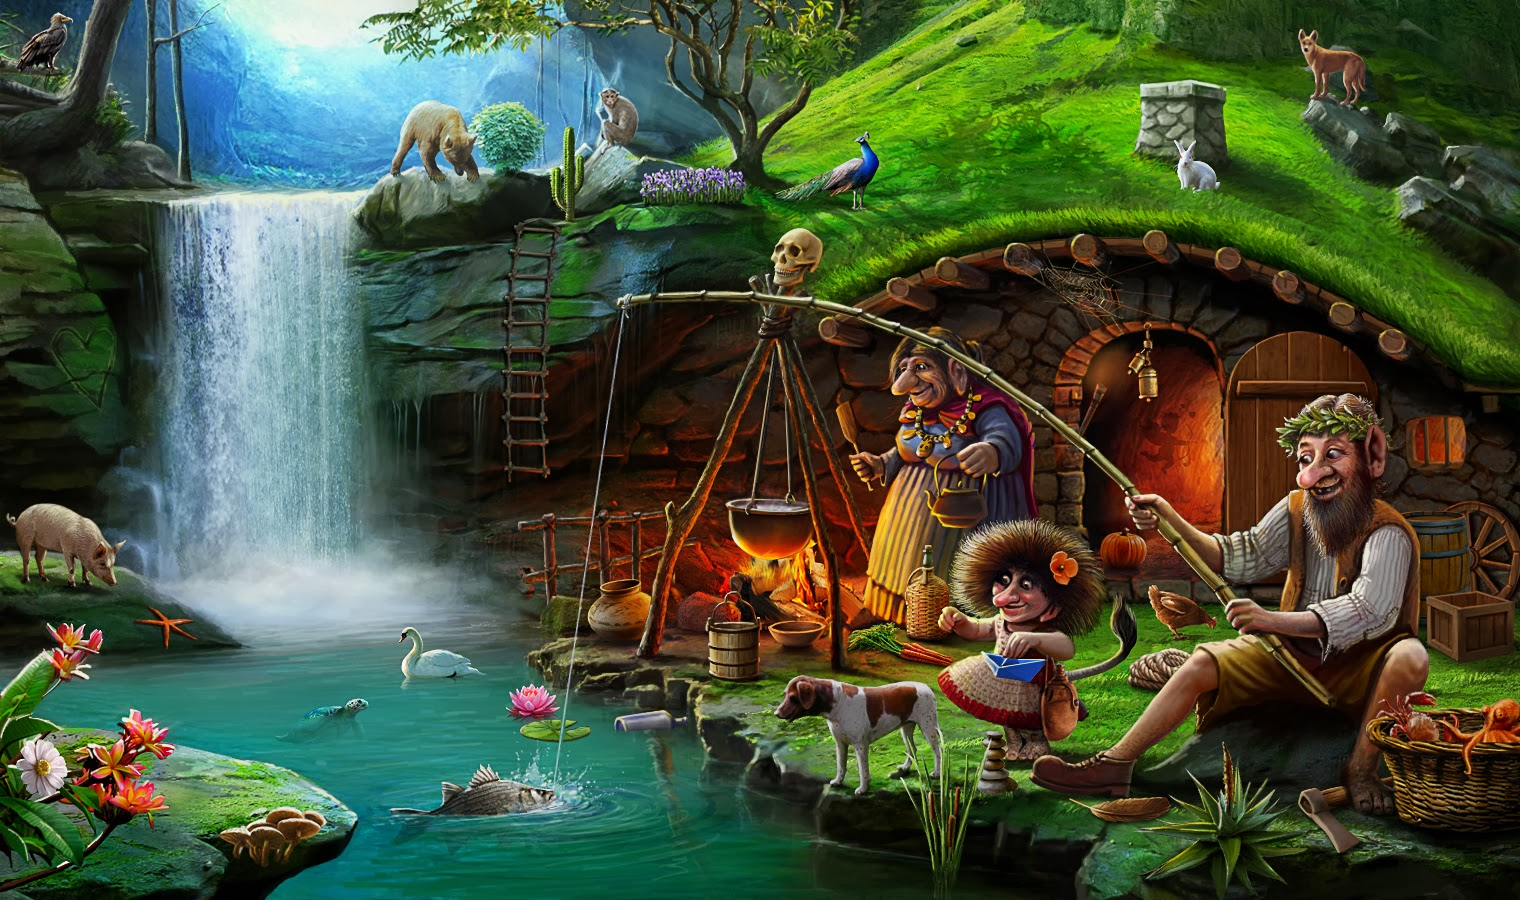 Hd wallpaper kerala - Deepan Kolad Latheev Hidden Objects Backgrounds